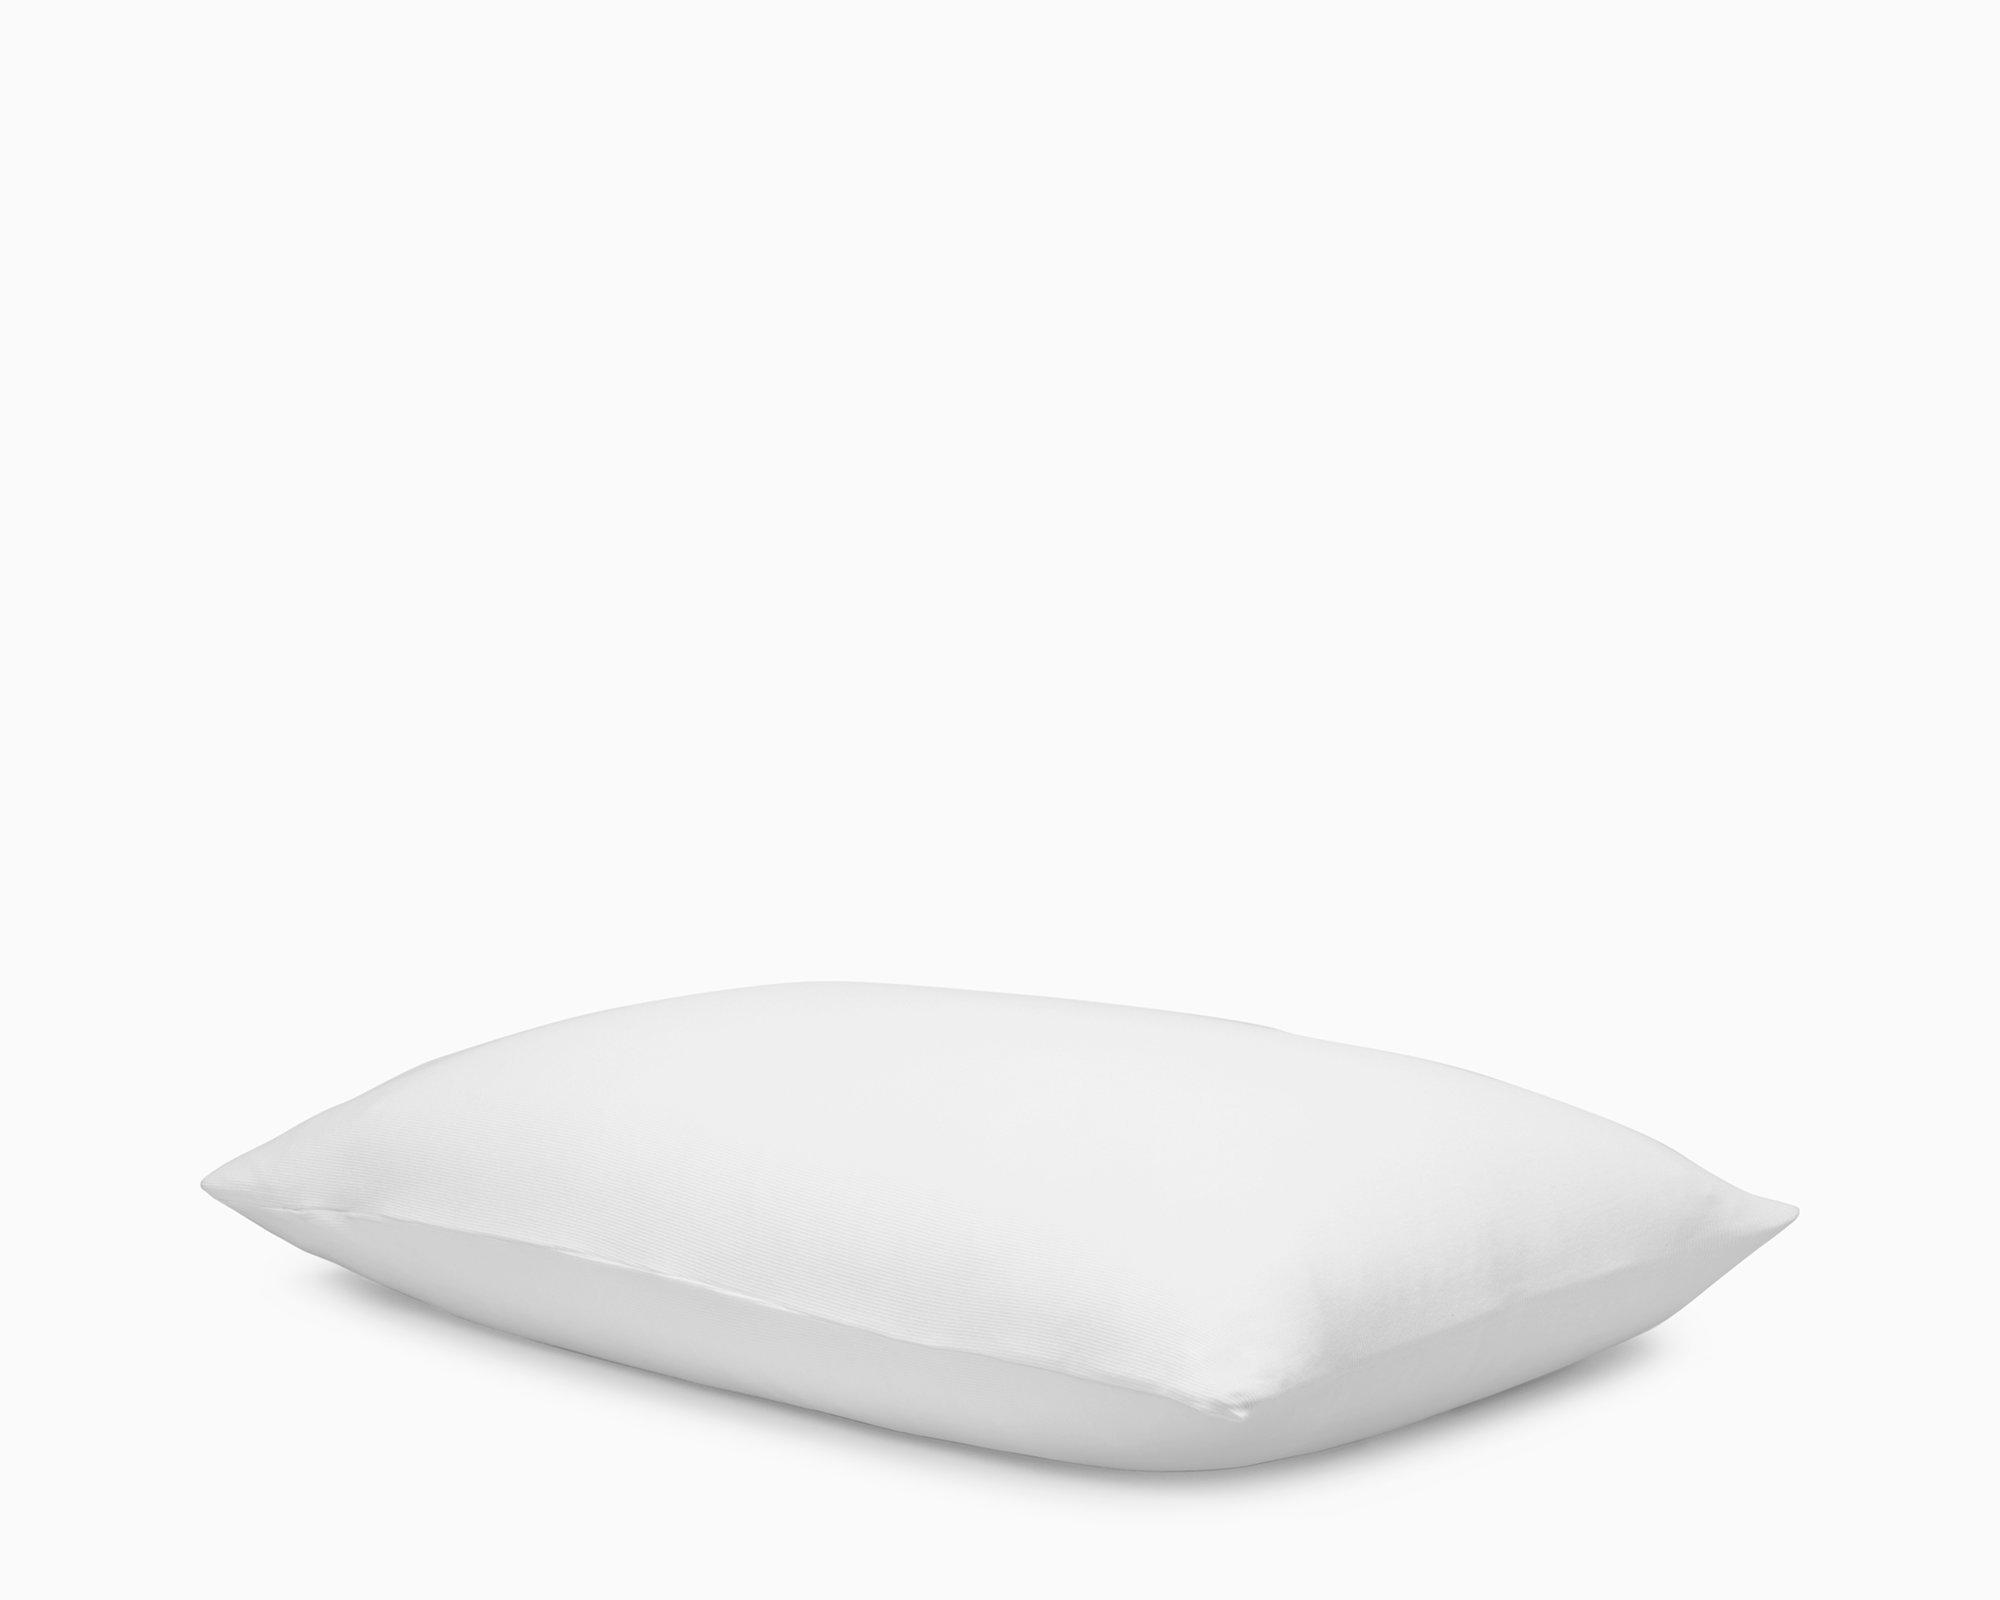 Calvin Klein Home Modern Cotton Julian Pillowcase, King Sham Pair, White, 2 Piece